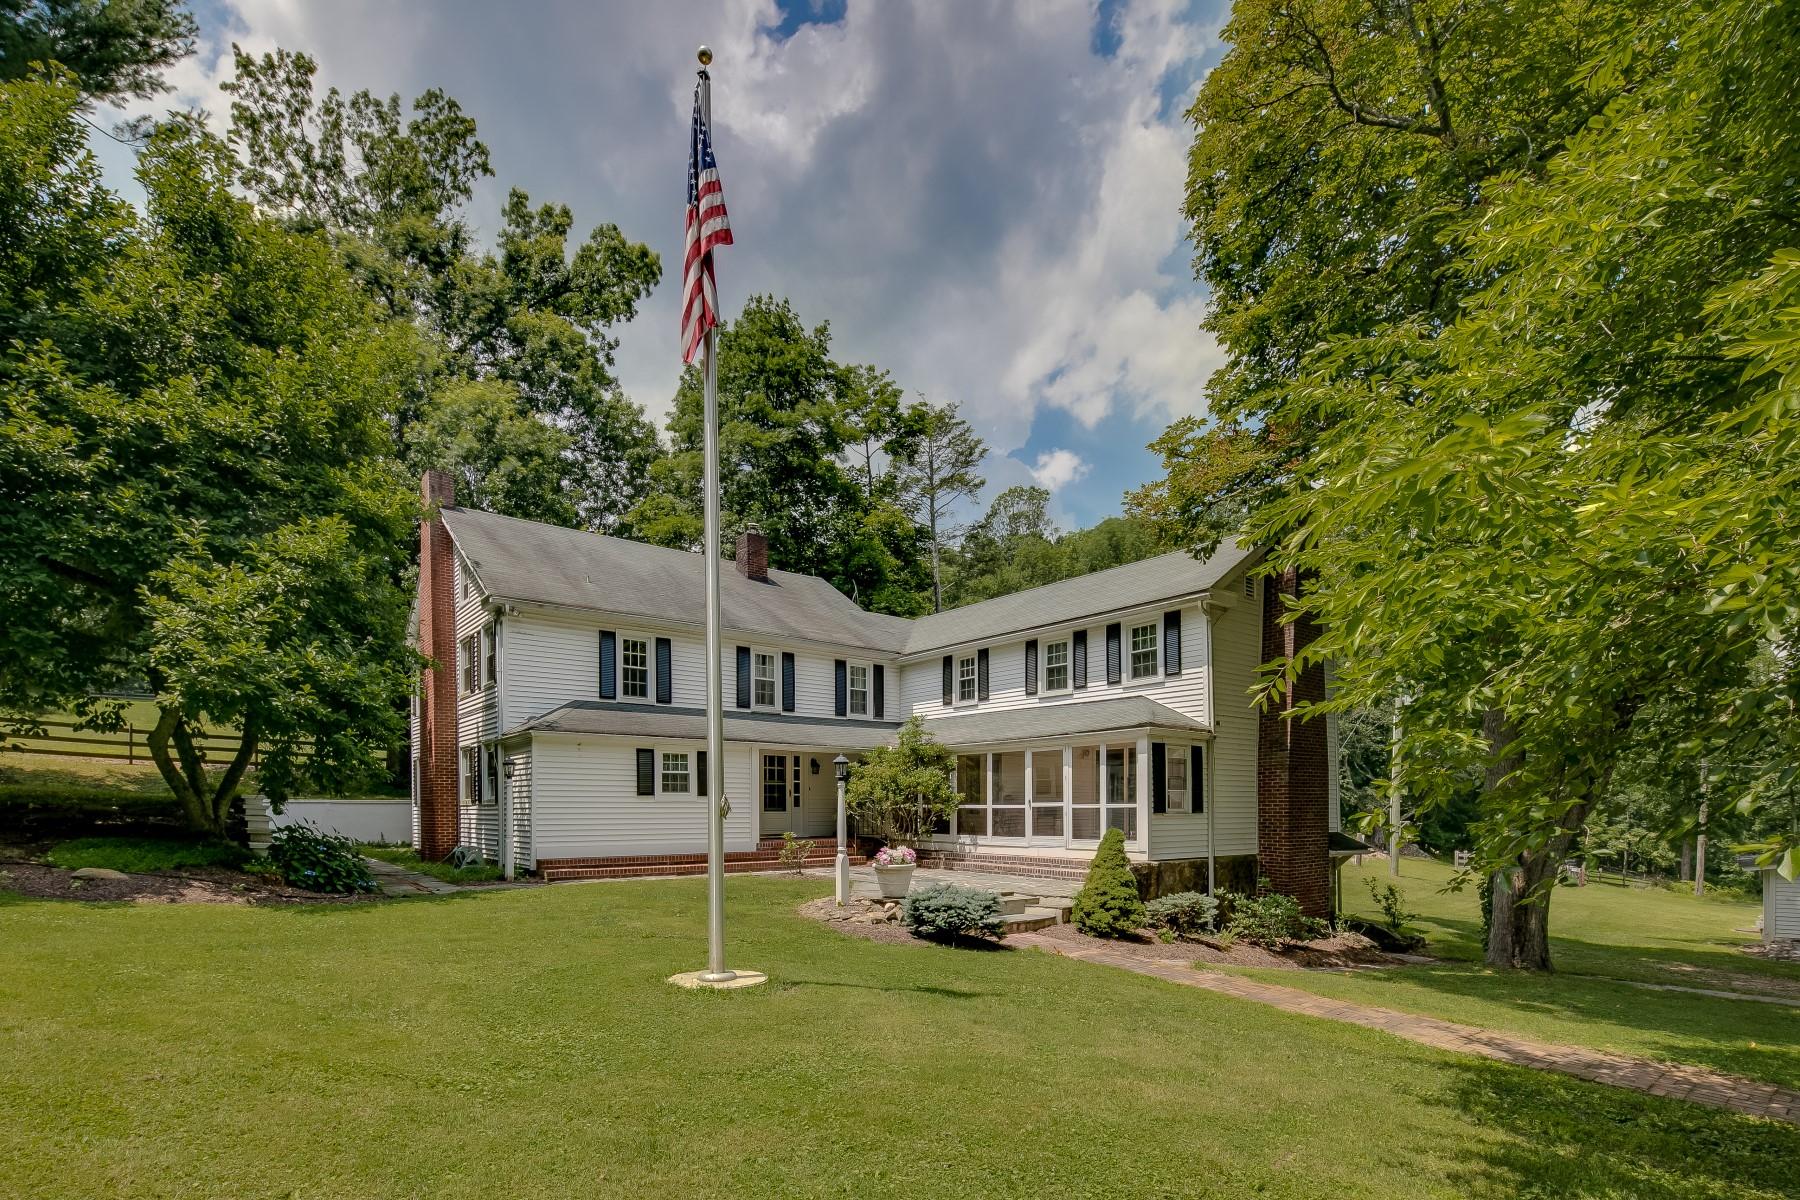 农场 / 牧场 / 种植园 为 销售 在 Pond View Farm 41-43 Dutch Hill Road 莱巴嫩, 新泽西州 08833 美国